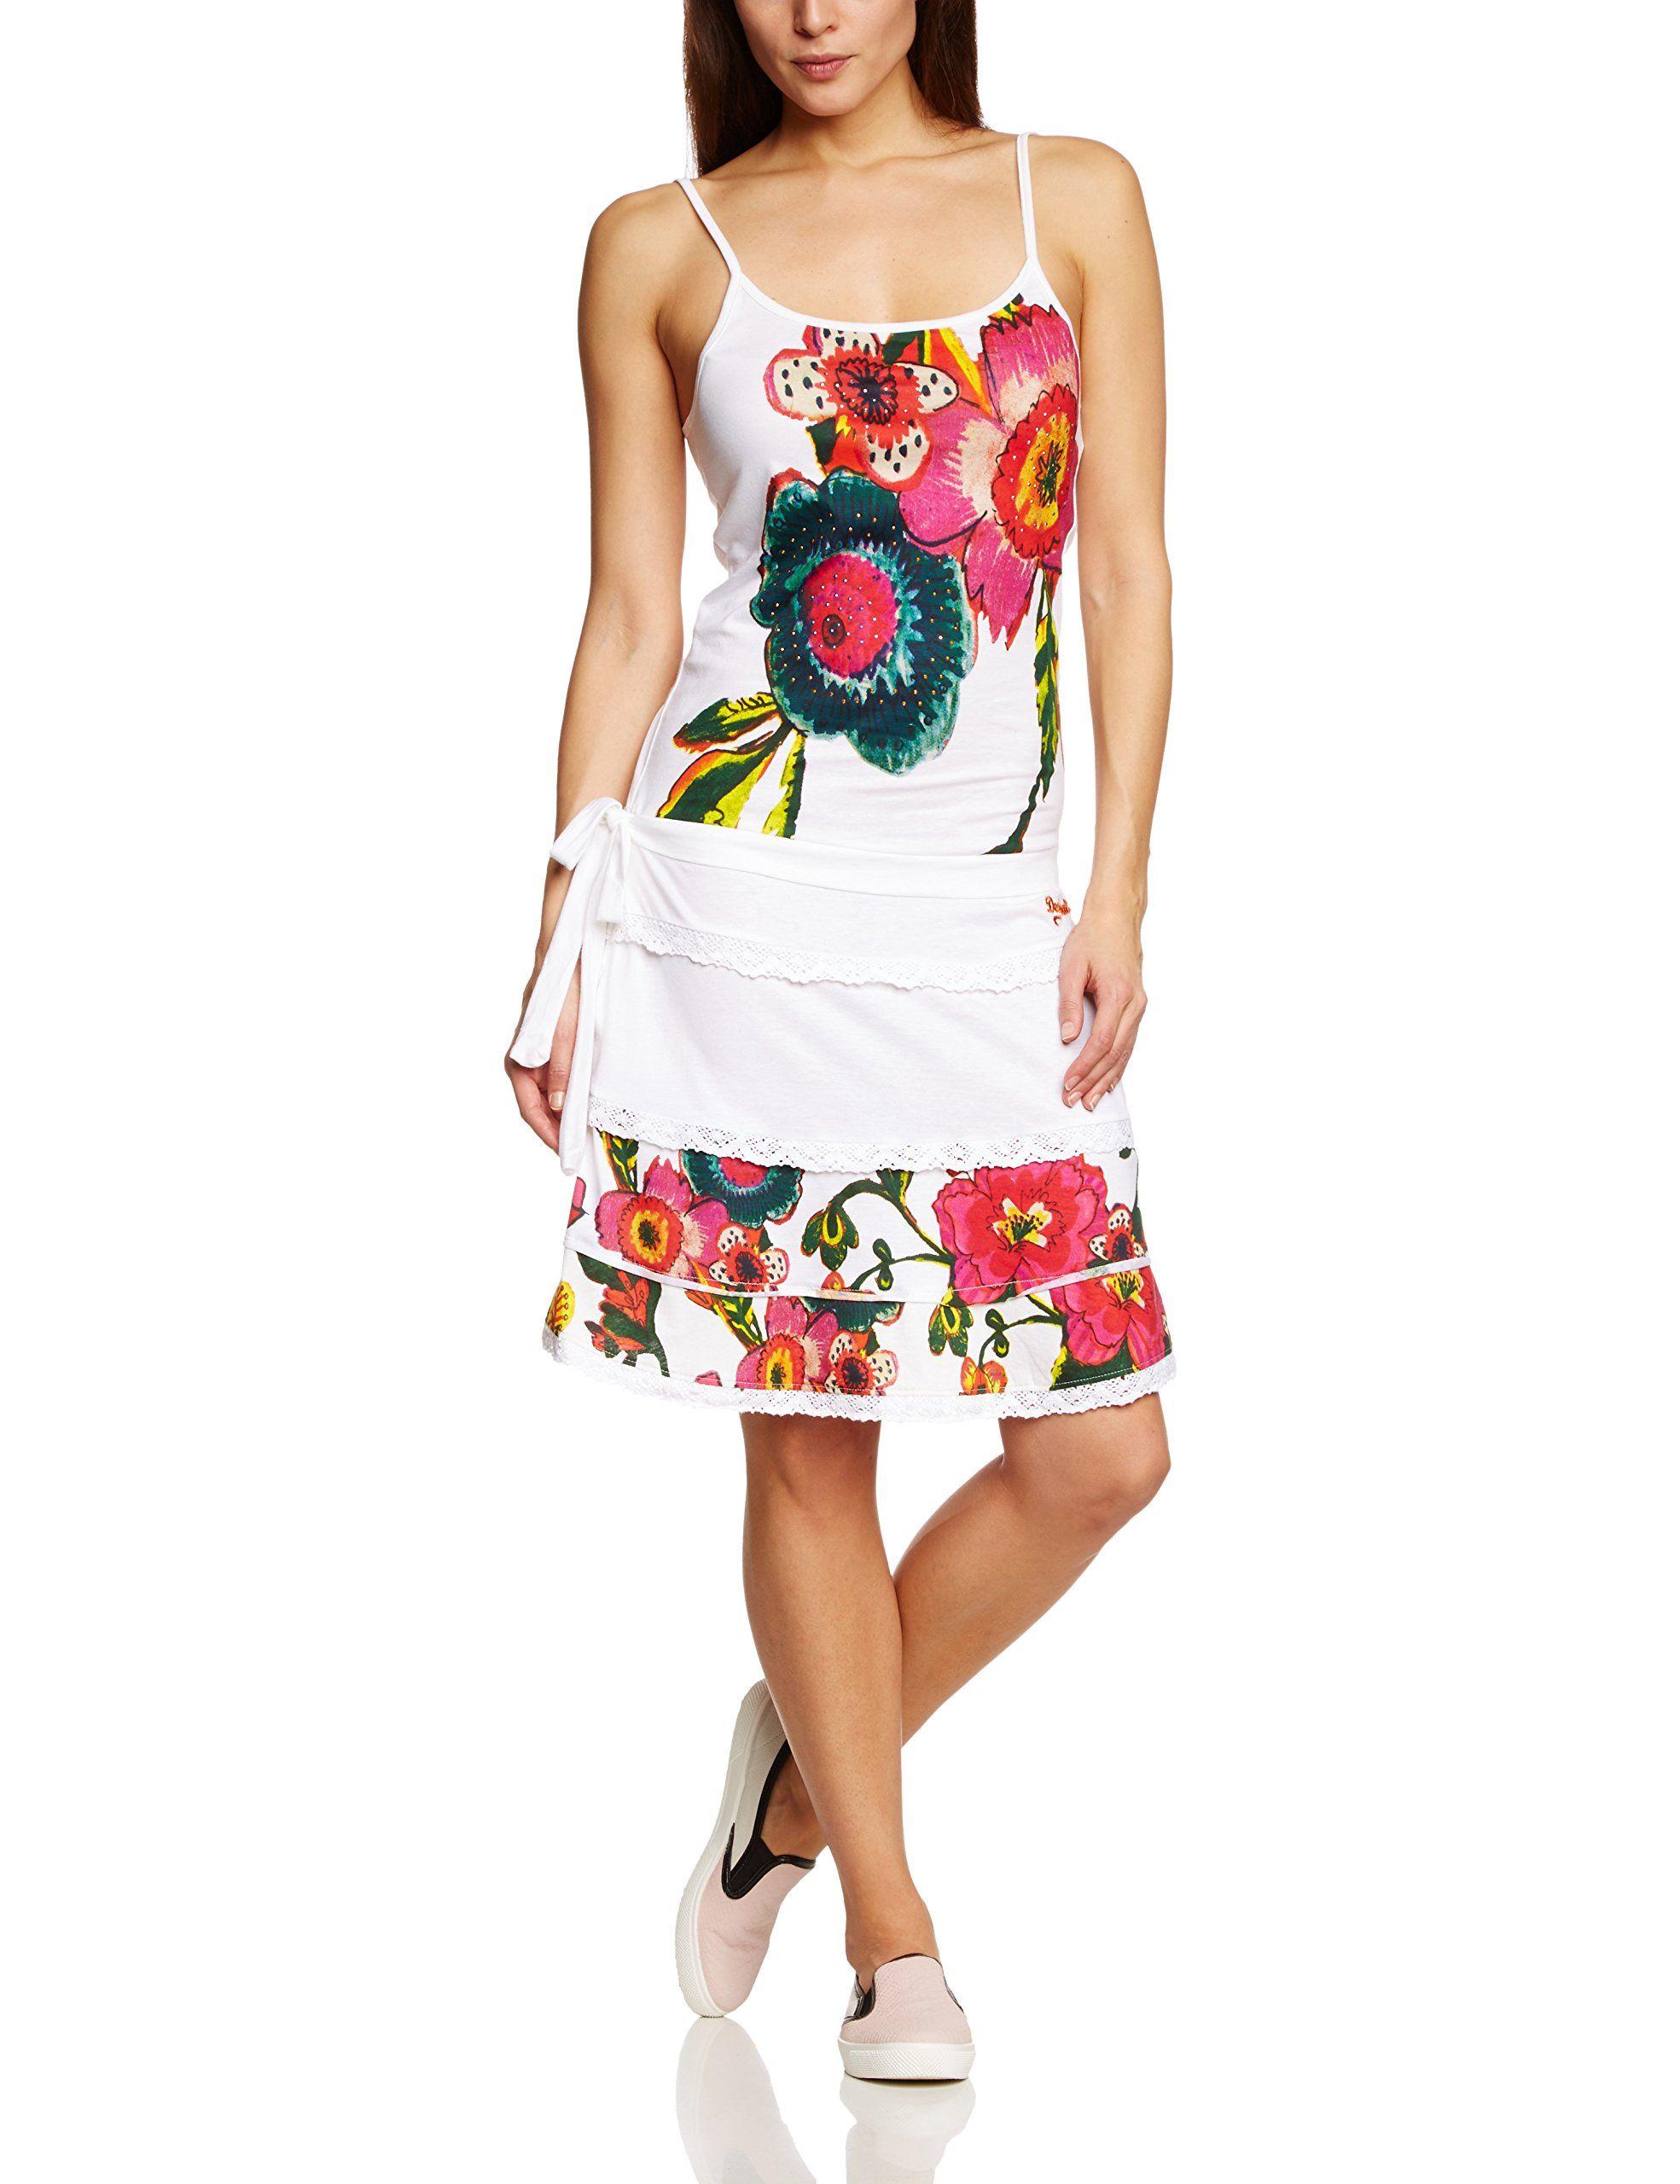 Desigual Vermond - Robe - Asymétrique - Imprimé - Sans manche - Femme -  Blanc (Blanco) - FR  36 (Taille fabricant  XS) 43e267da1de9